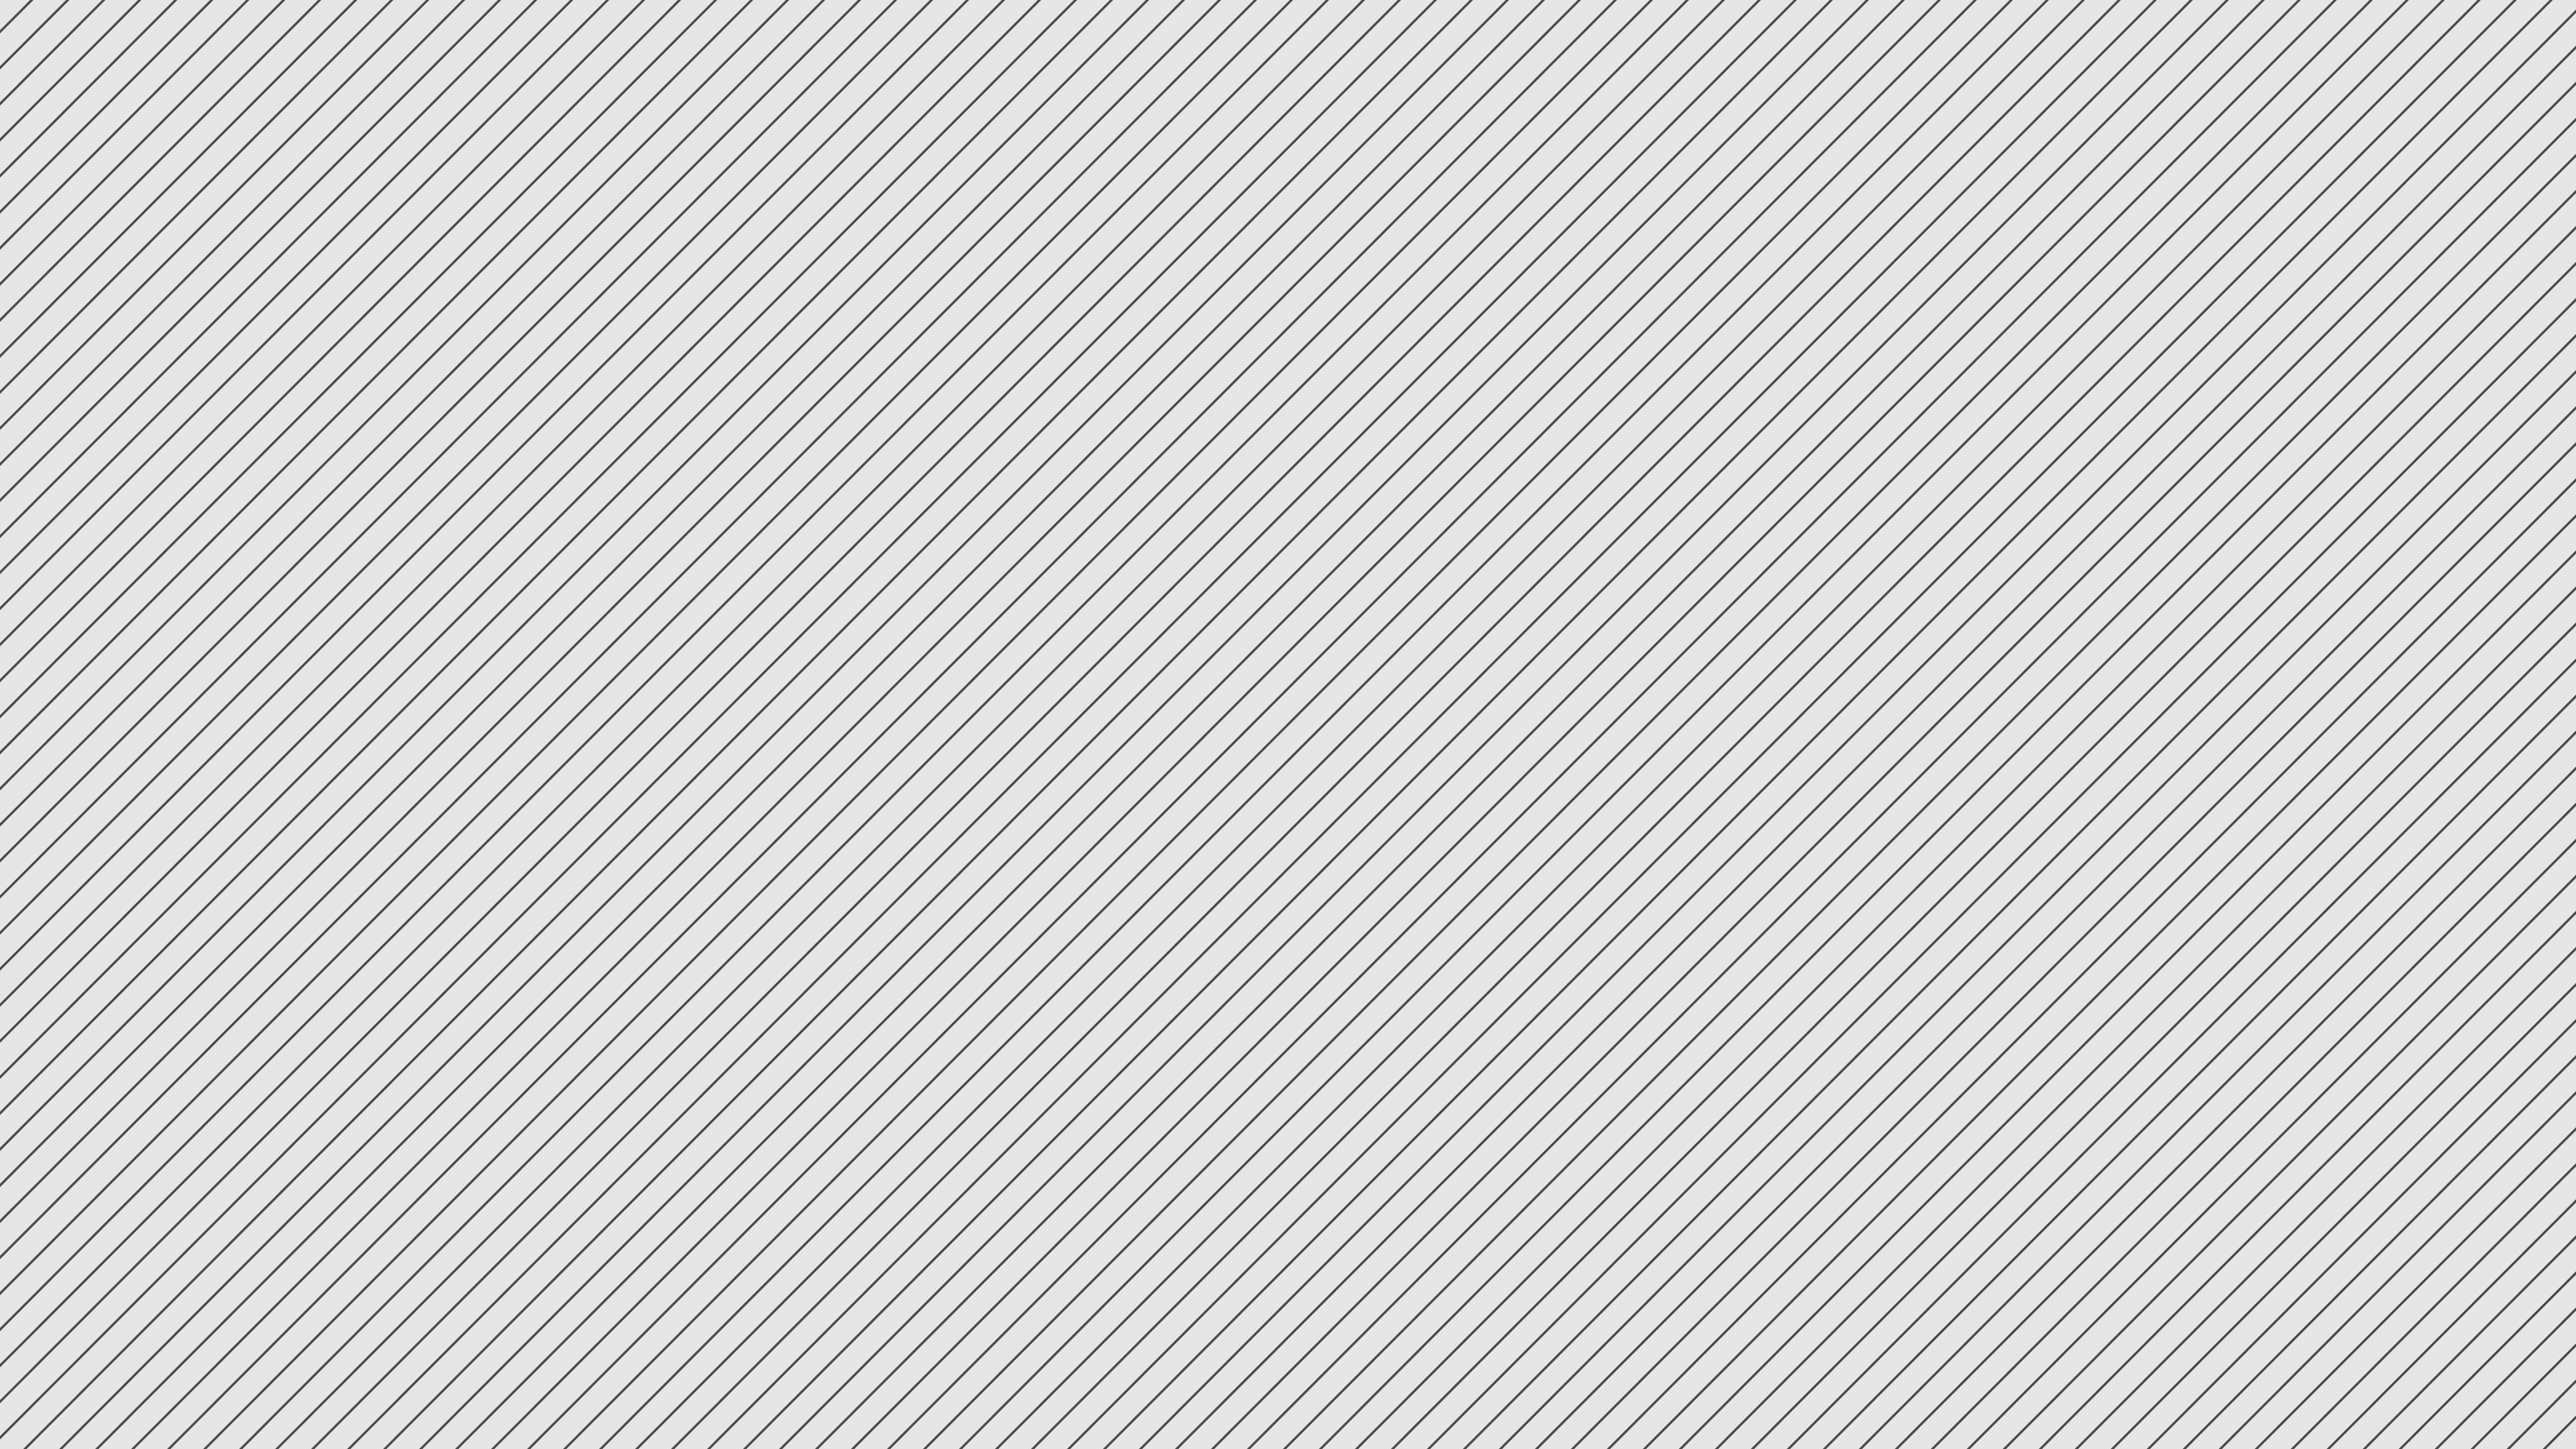 Fondos de pantalla Patrón de líneas gray